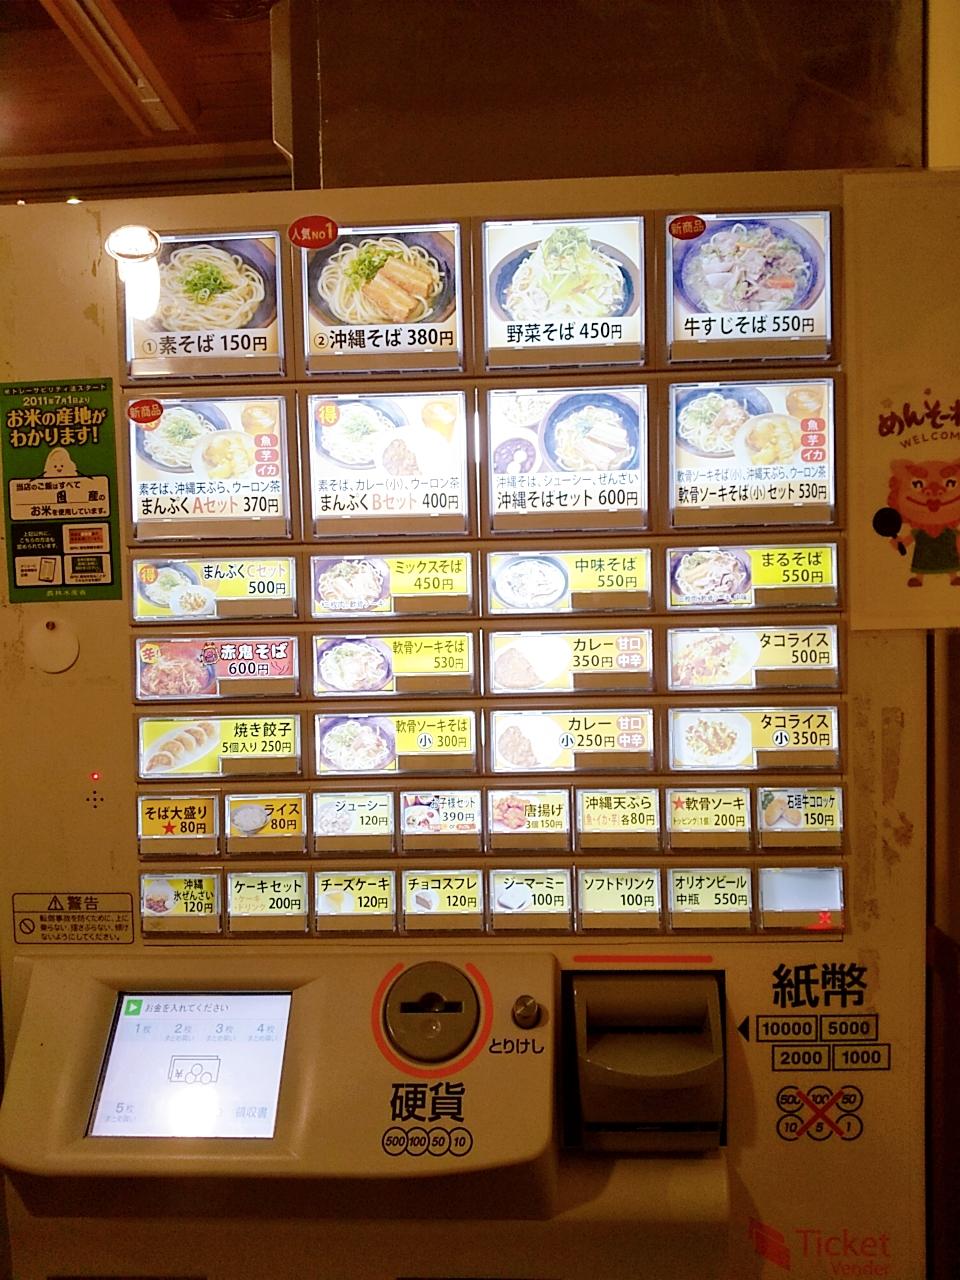 沖縄そば処まるそば 食券機